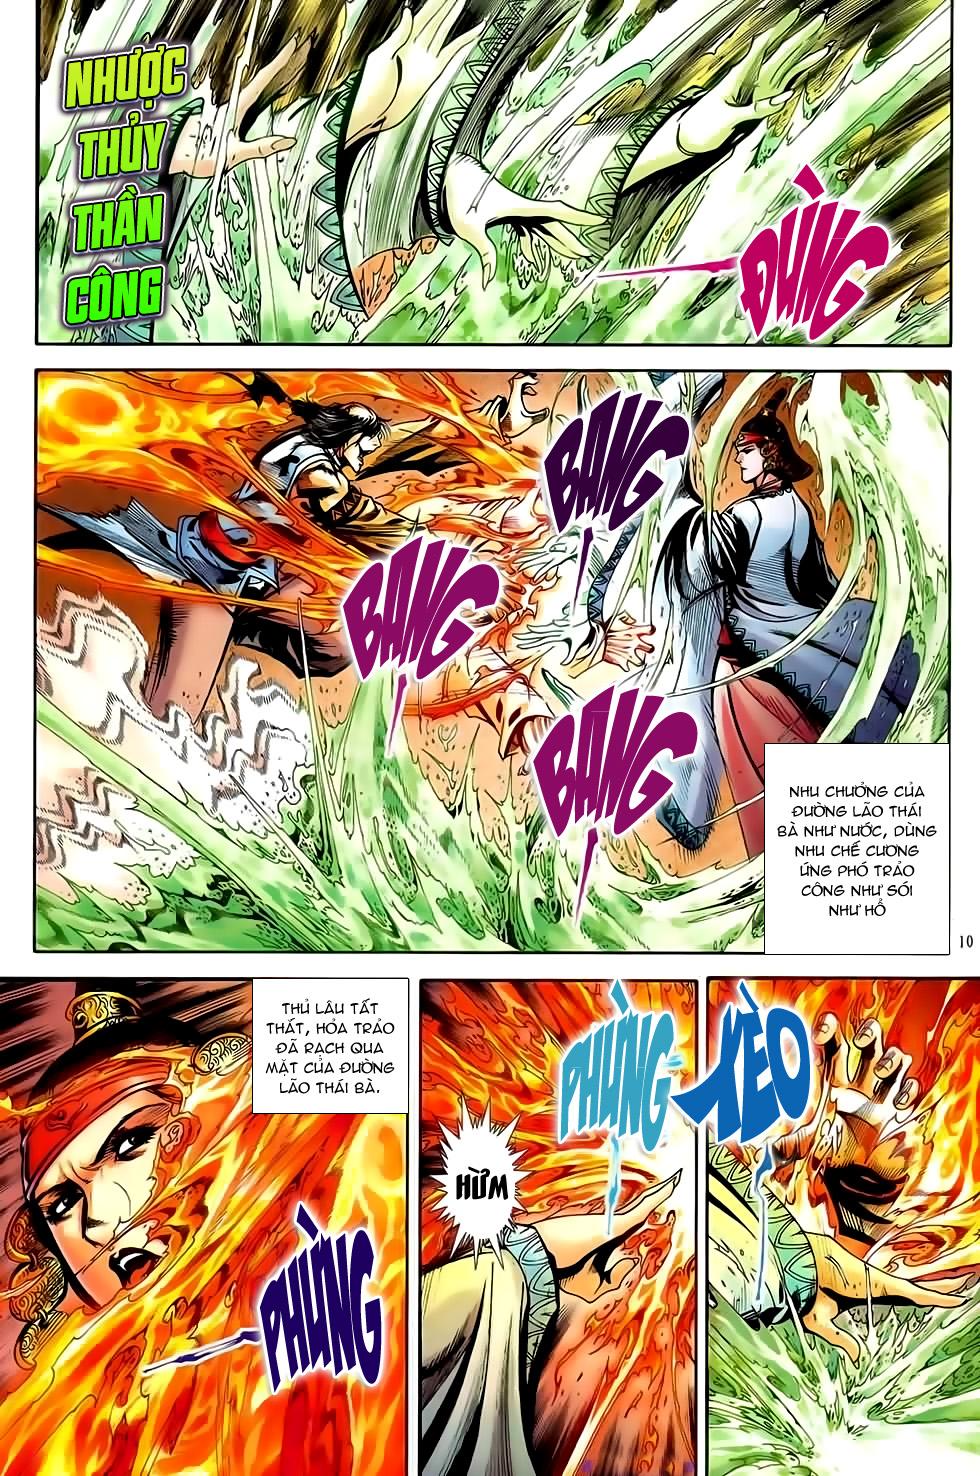 Đại Hiệp Truyền Kỳ (Thần Châu Hậu Truyện) chap 51 - Trang 9